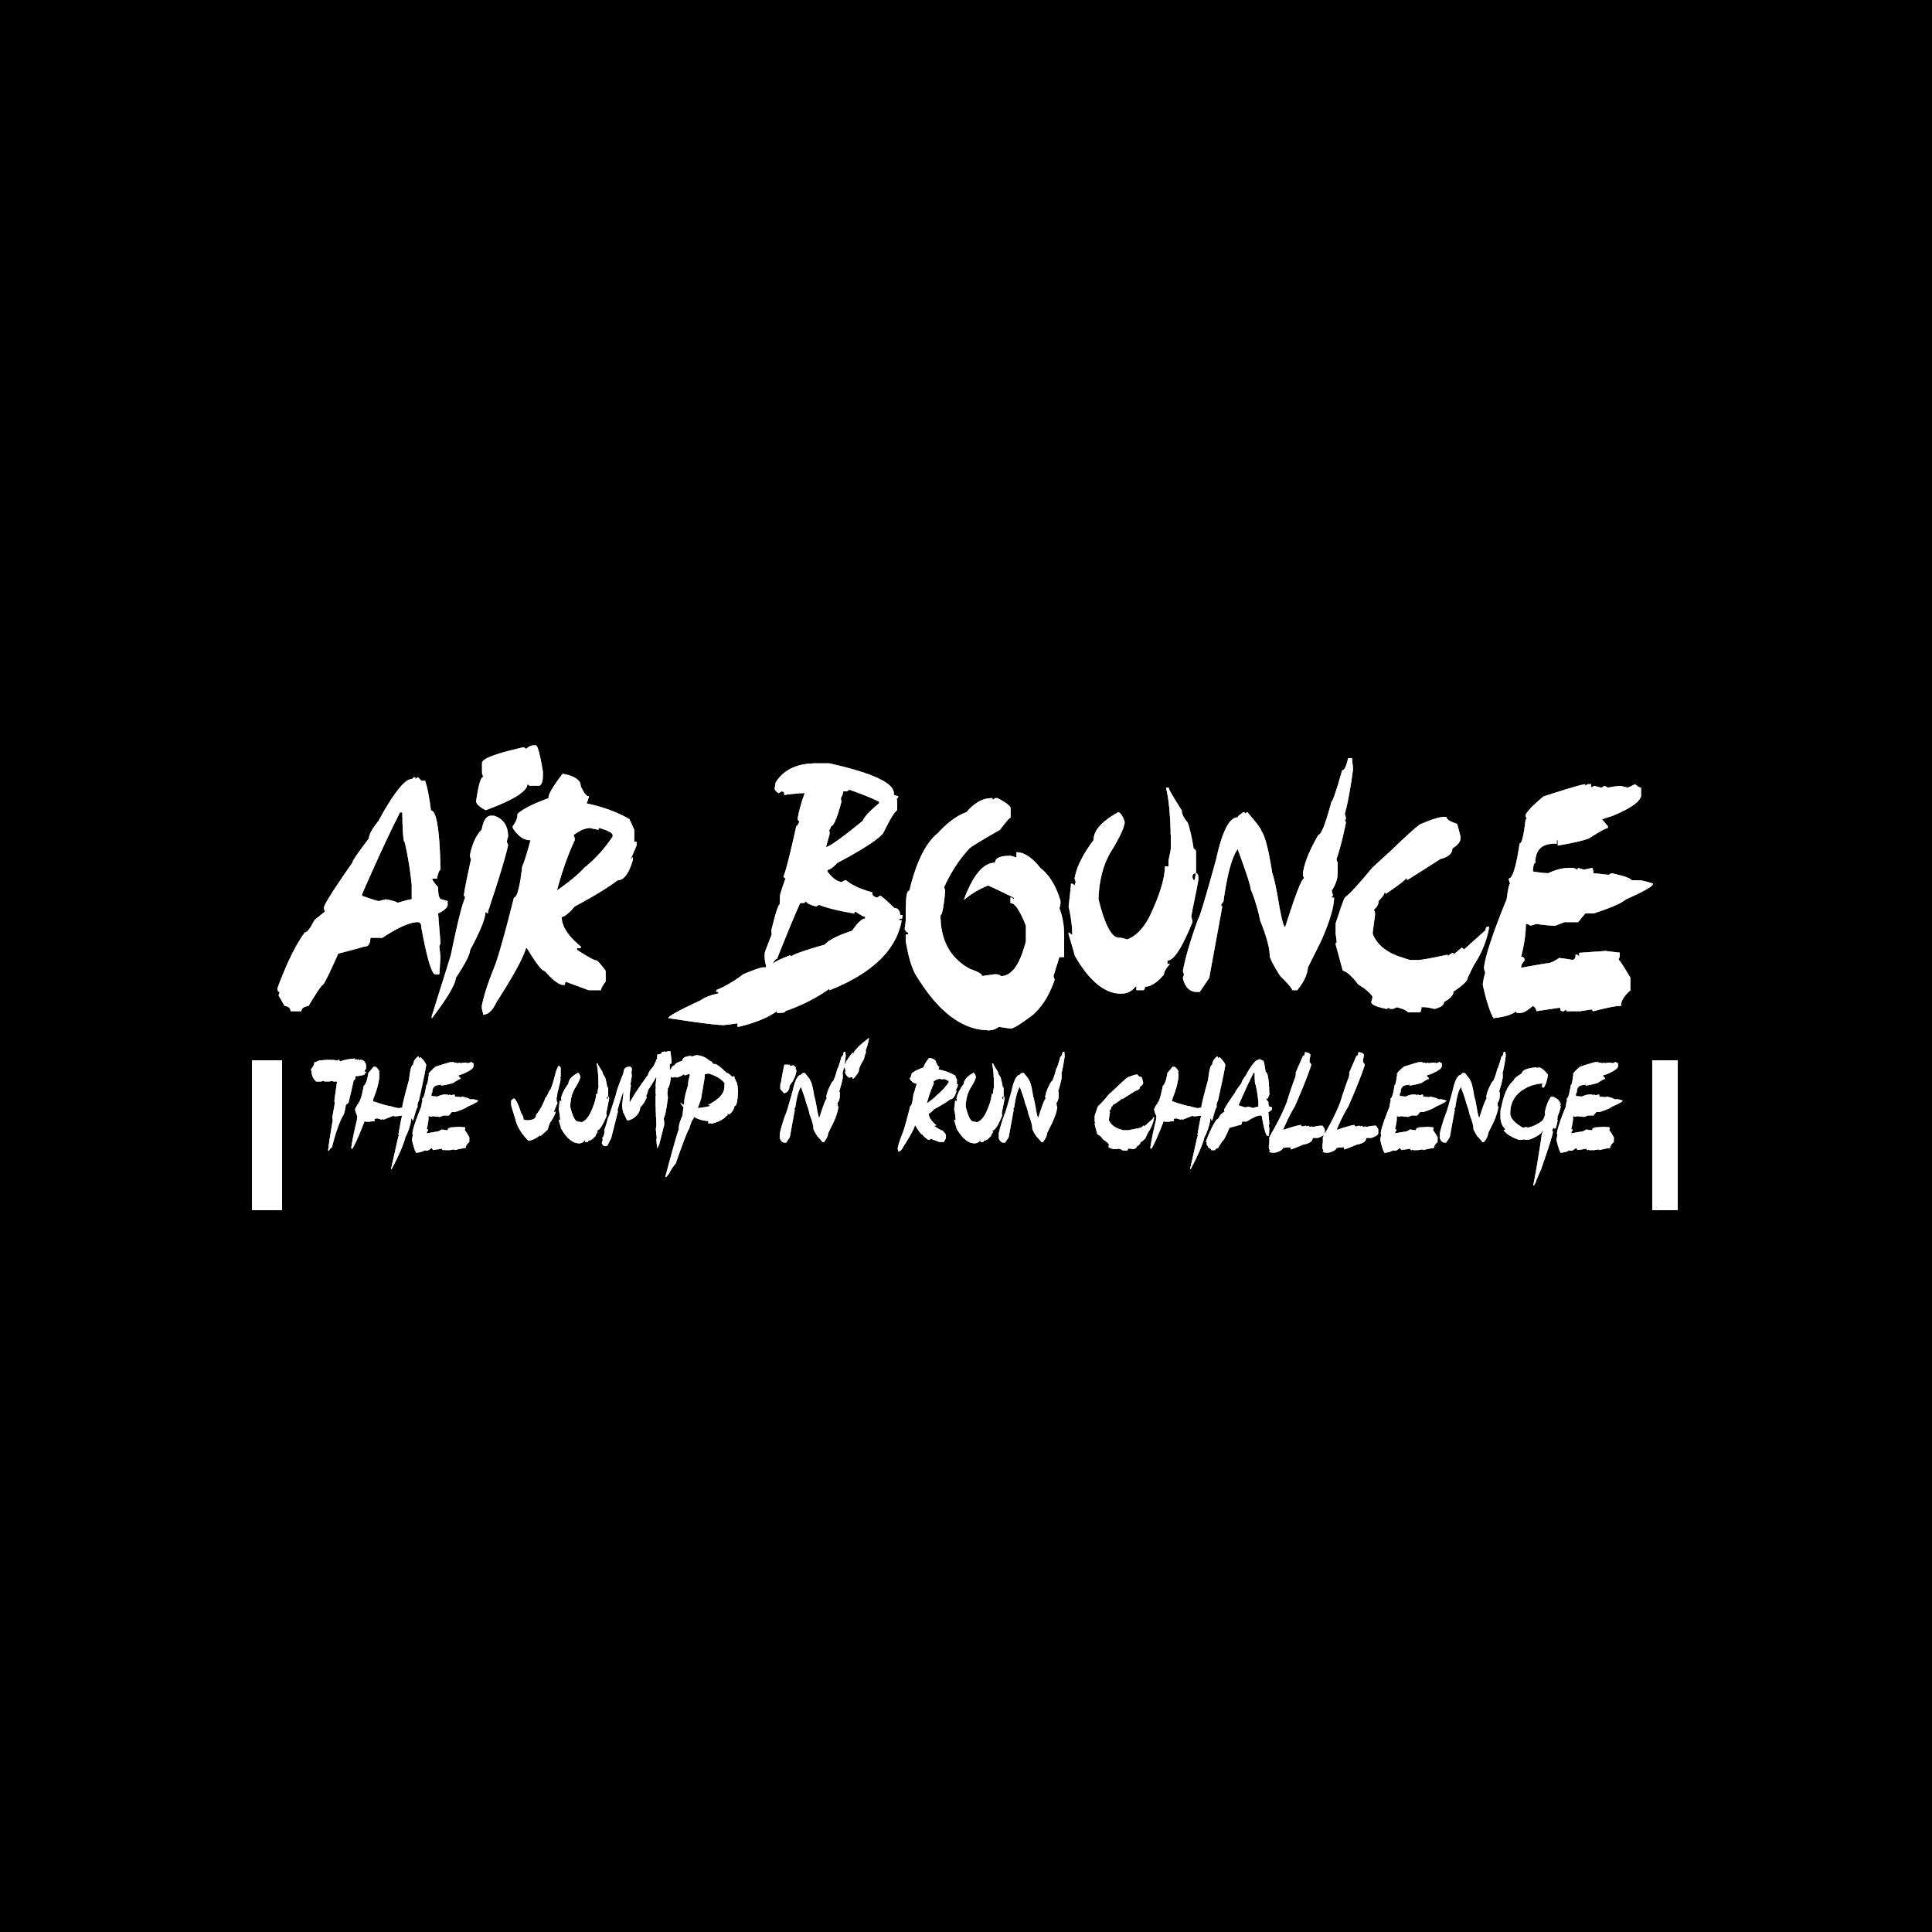 Air Bounce - The Jump n Run Challenge logo